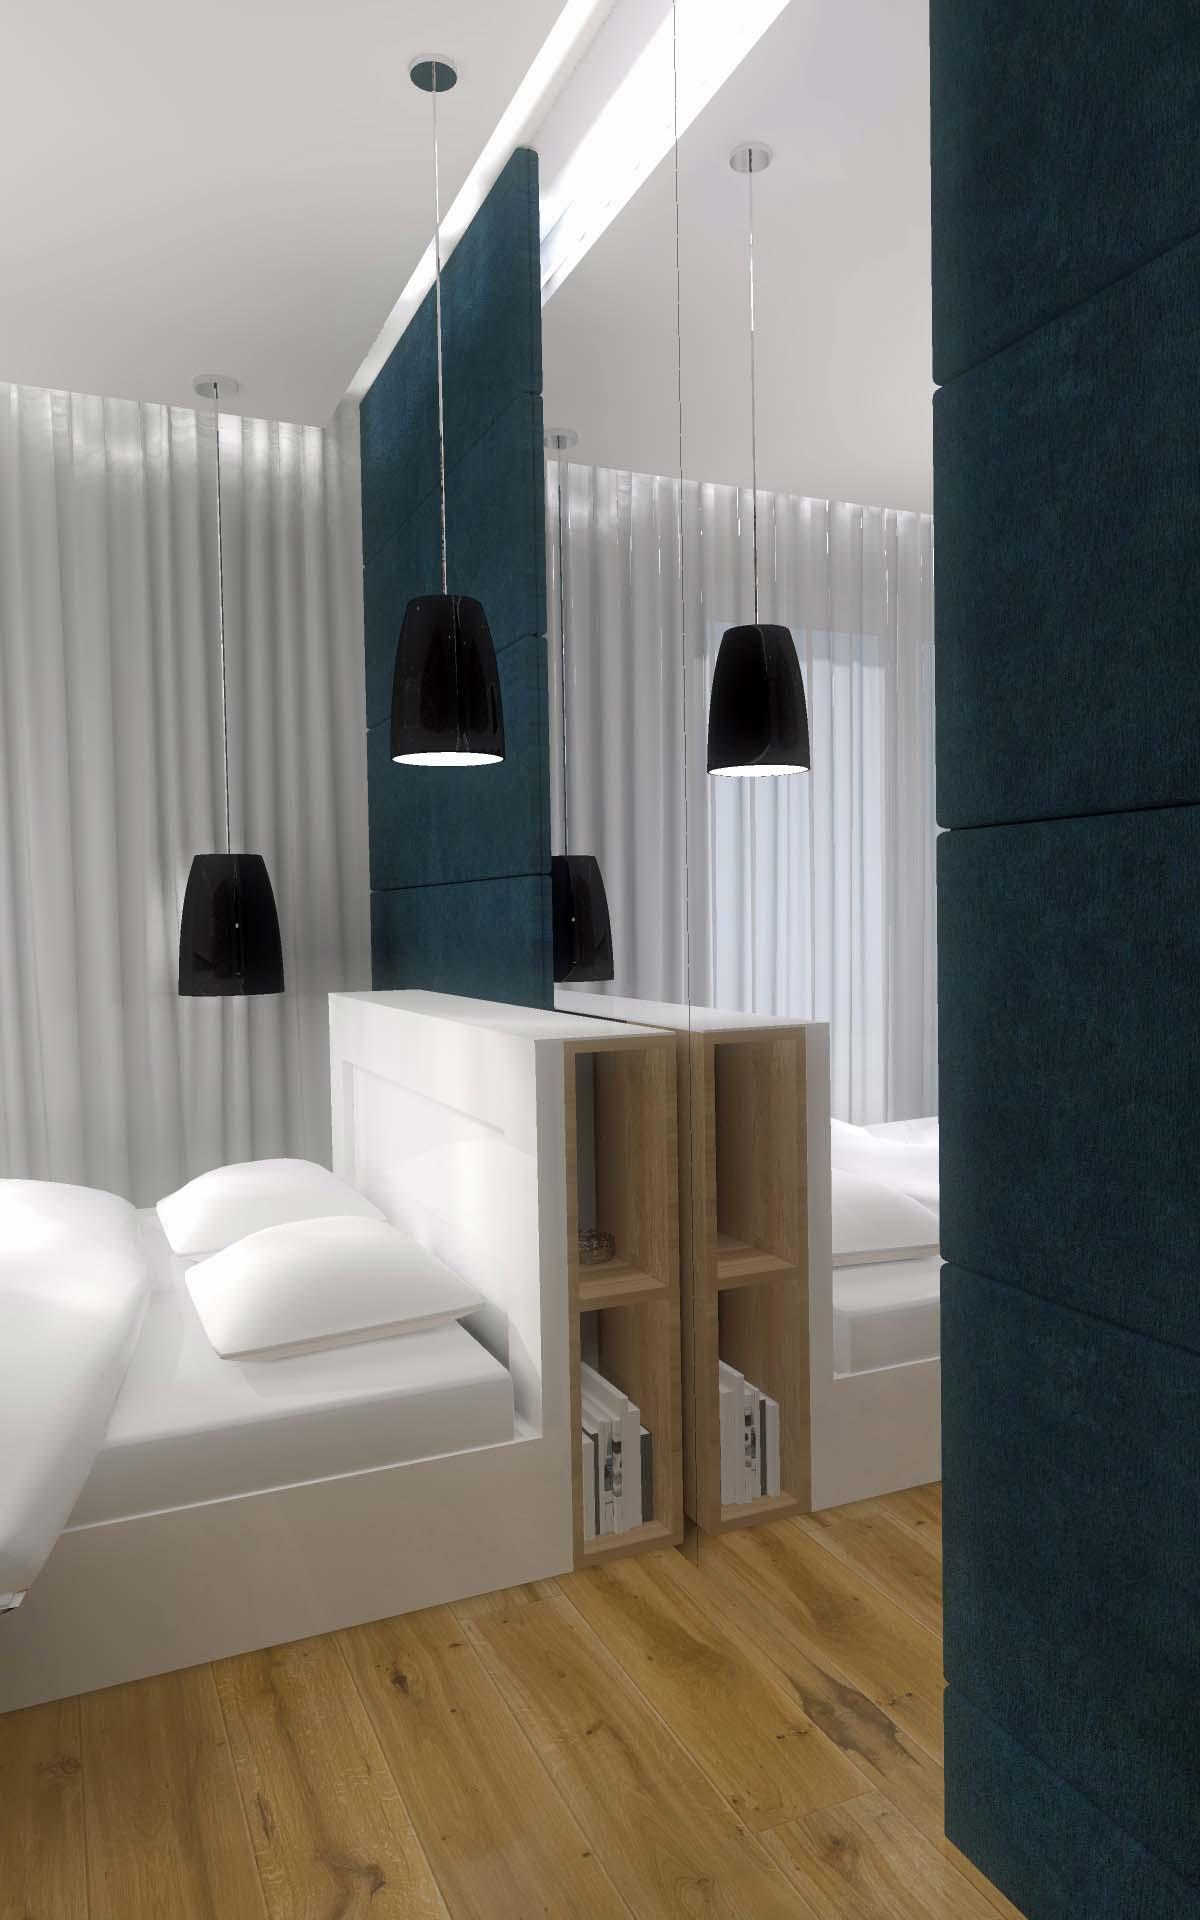 Projekt i aranżacja mieszkania Atrium Park Bydgoszcz - Mobiliani Design Bydgoszcz